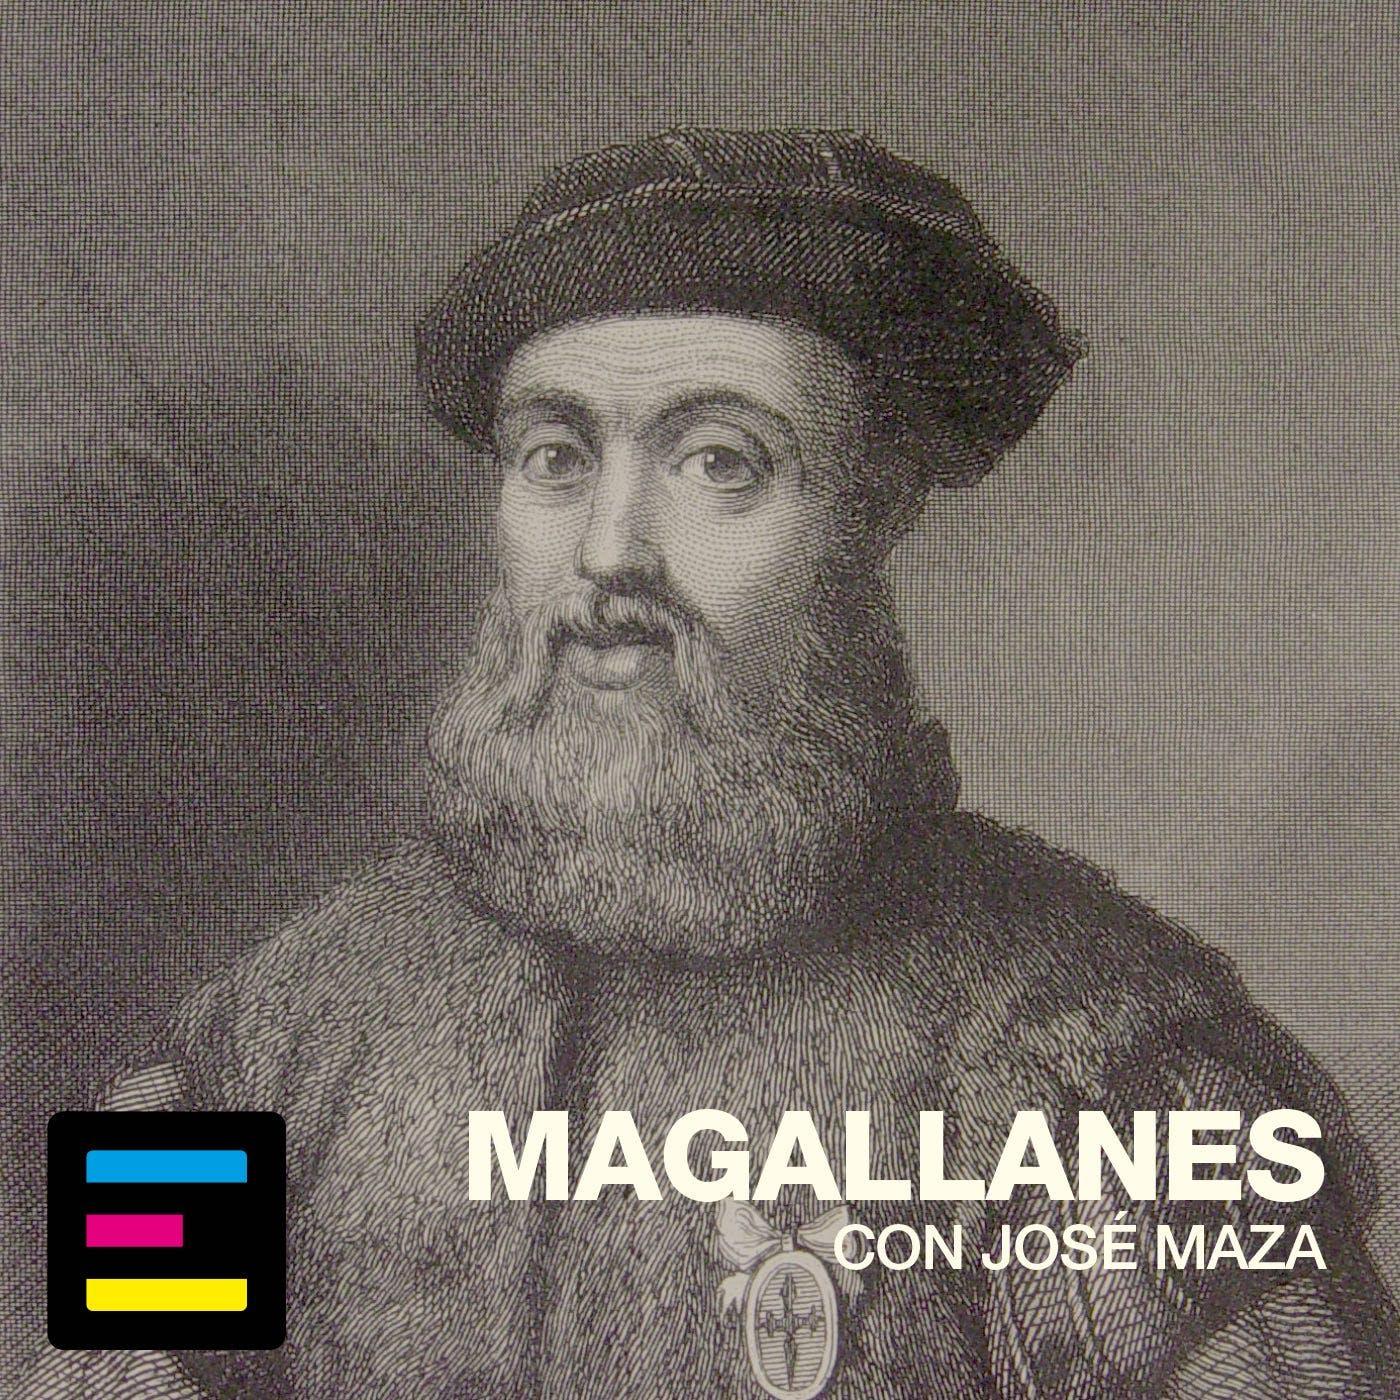 Magallanes, una Historia por José Maza